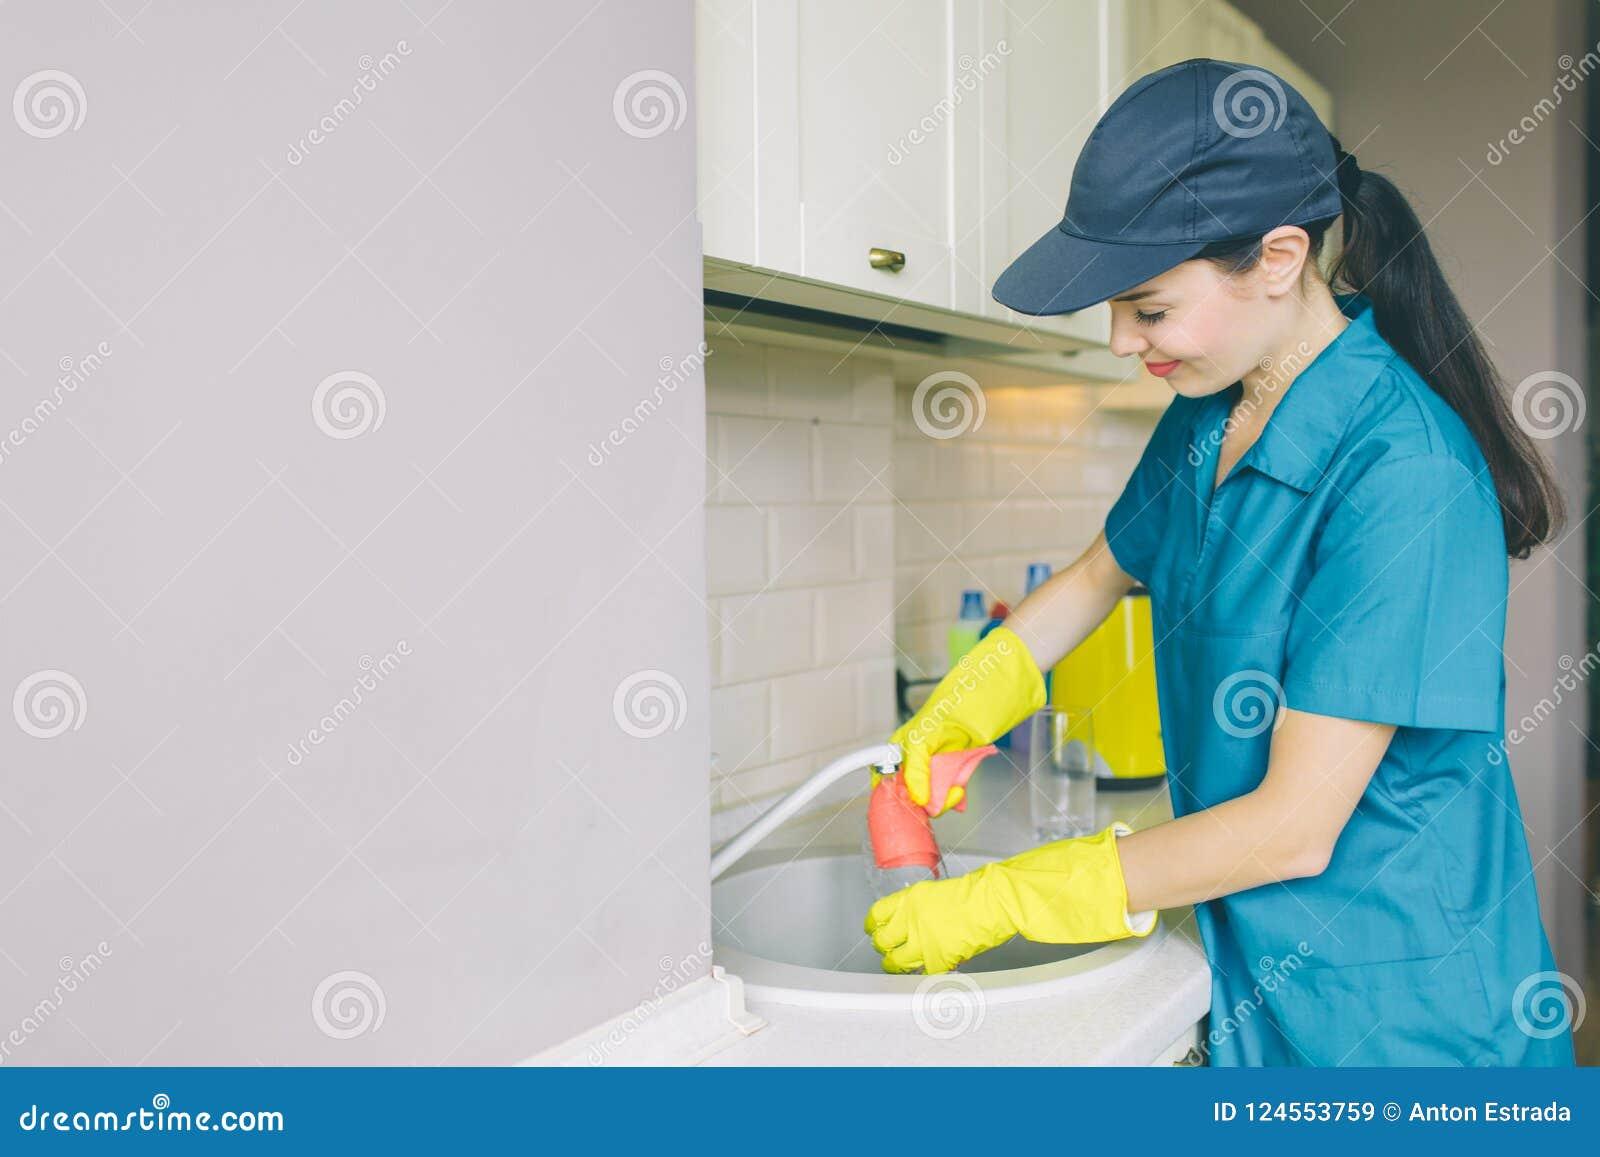 Восхитительная девушка в крышке и форме стоит и работает на раковине Она усмехается немного Девушка профессиональный уборщик